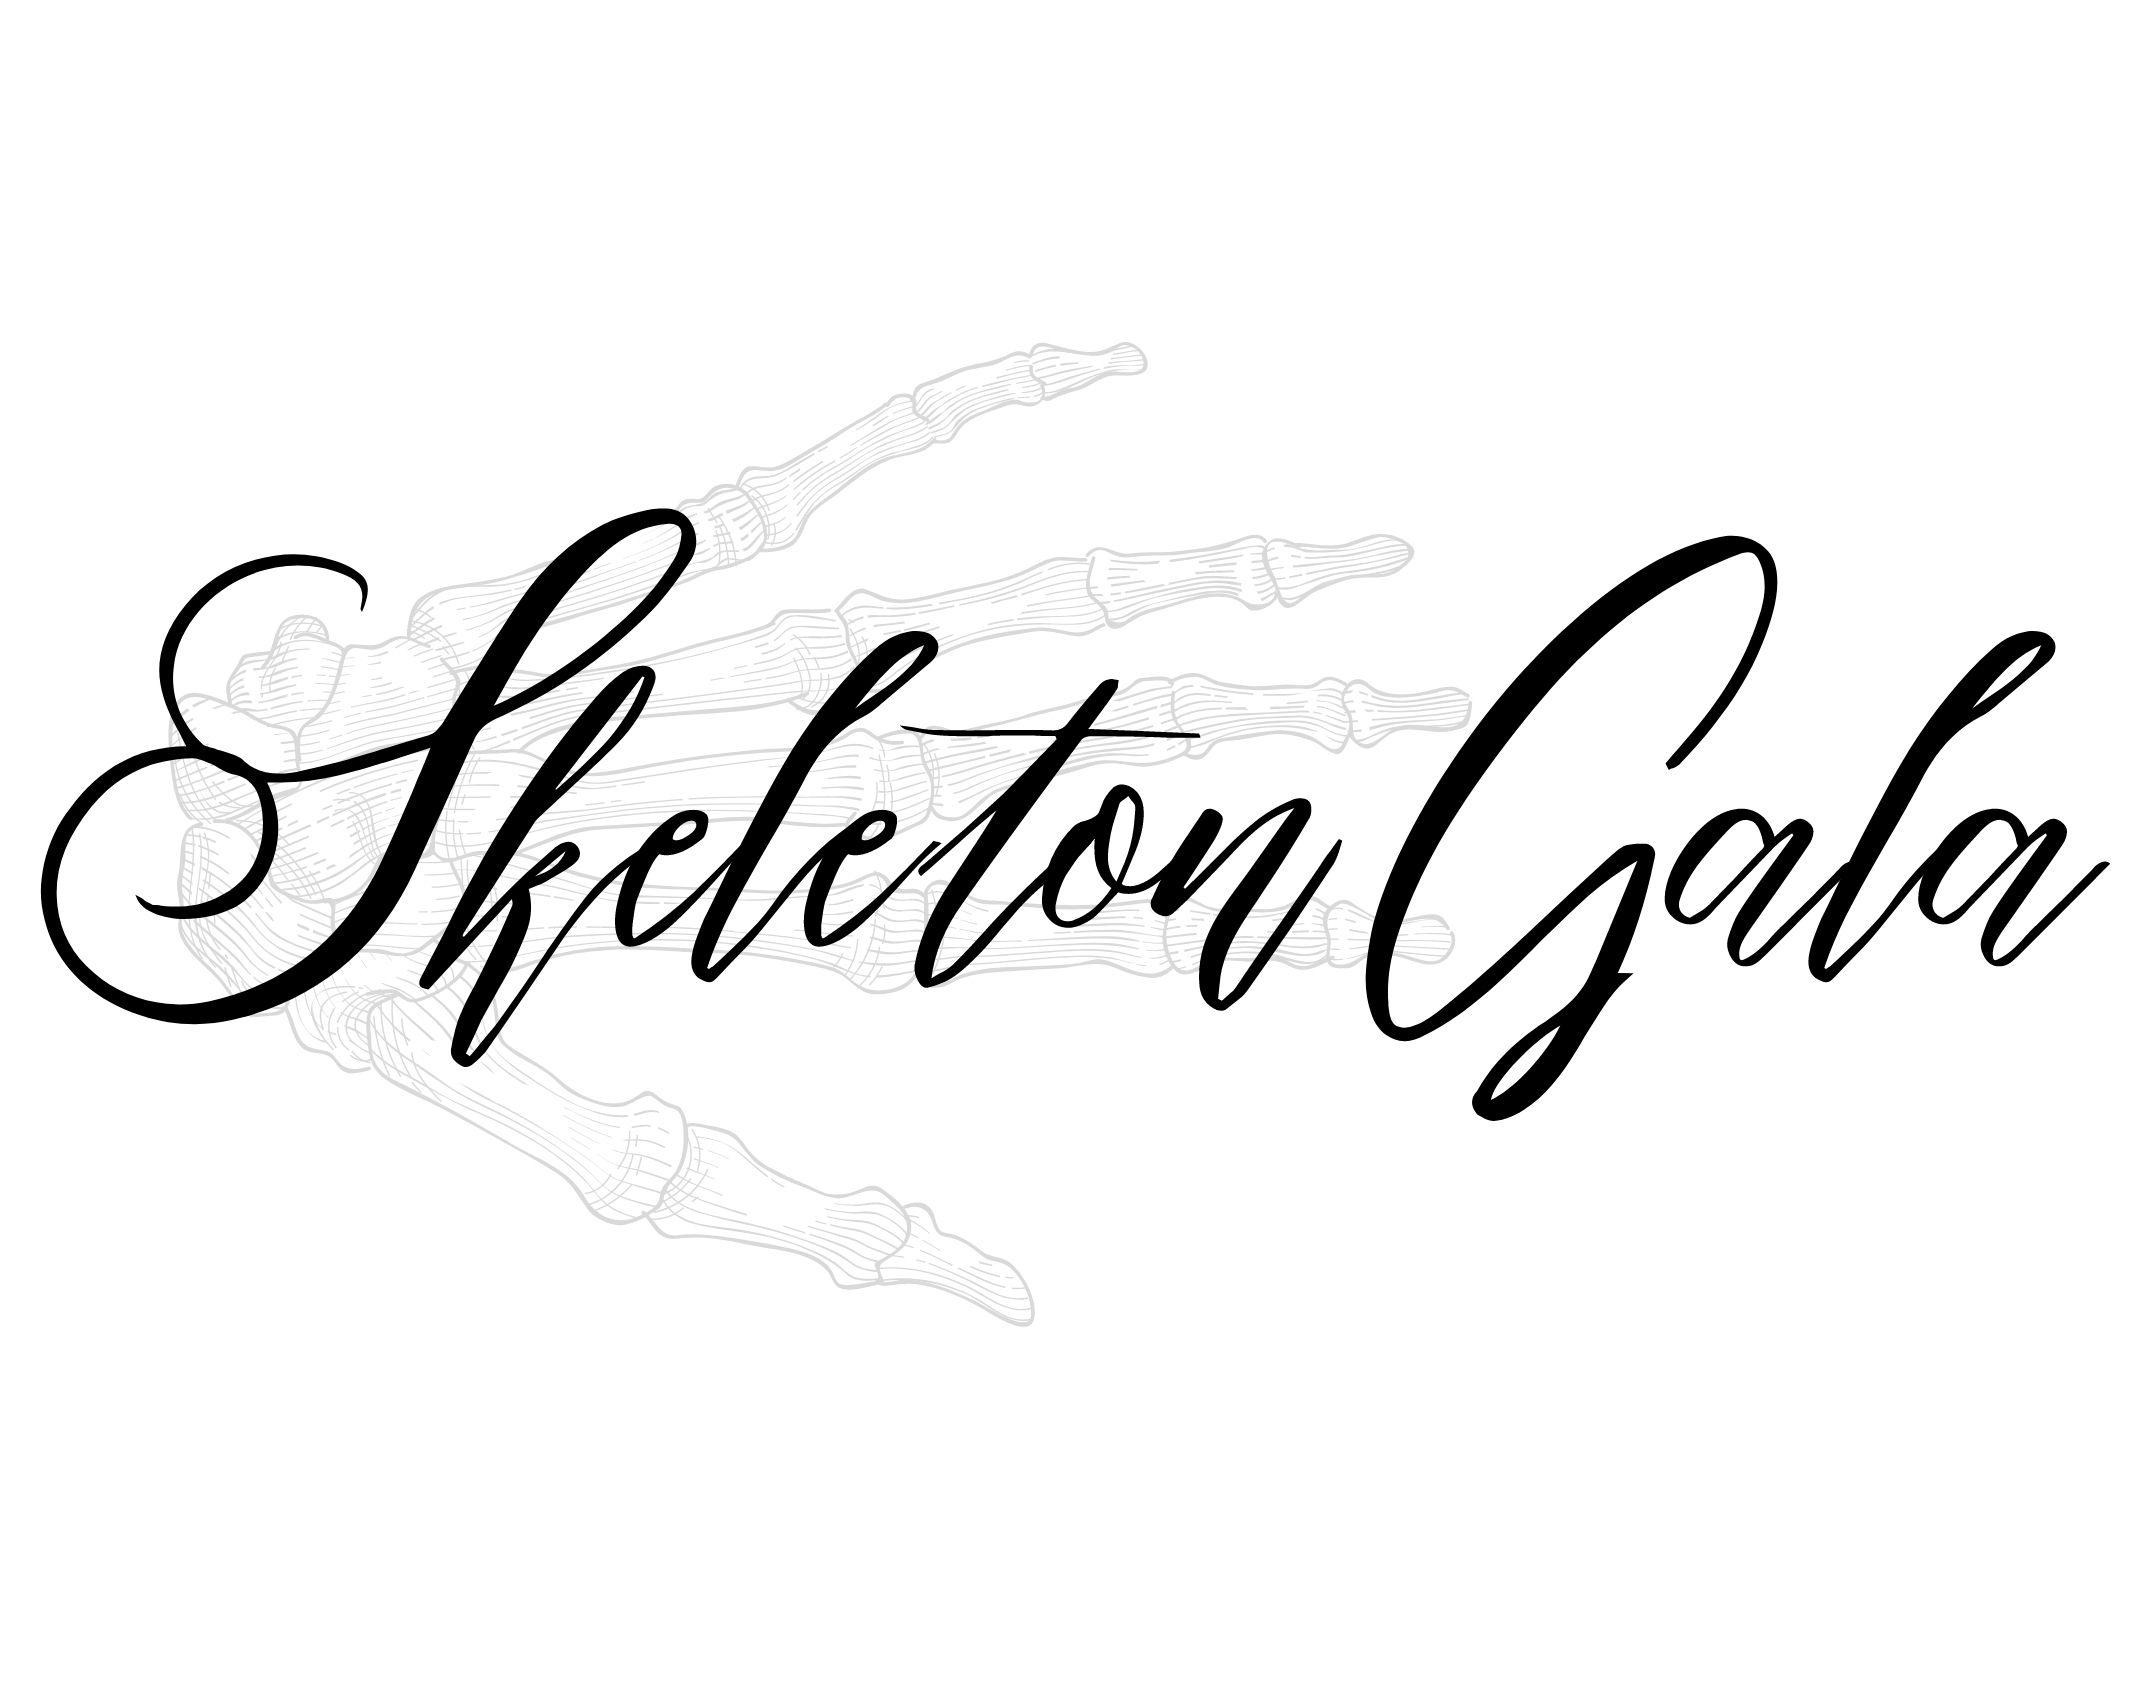 Skeleton Gala